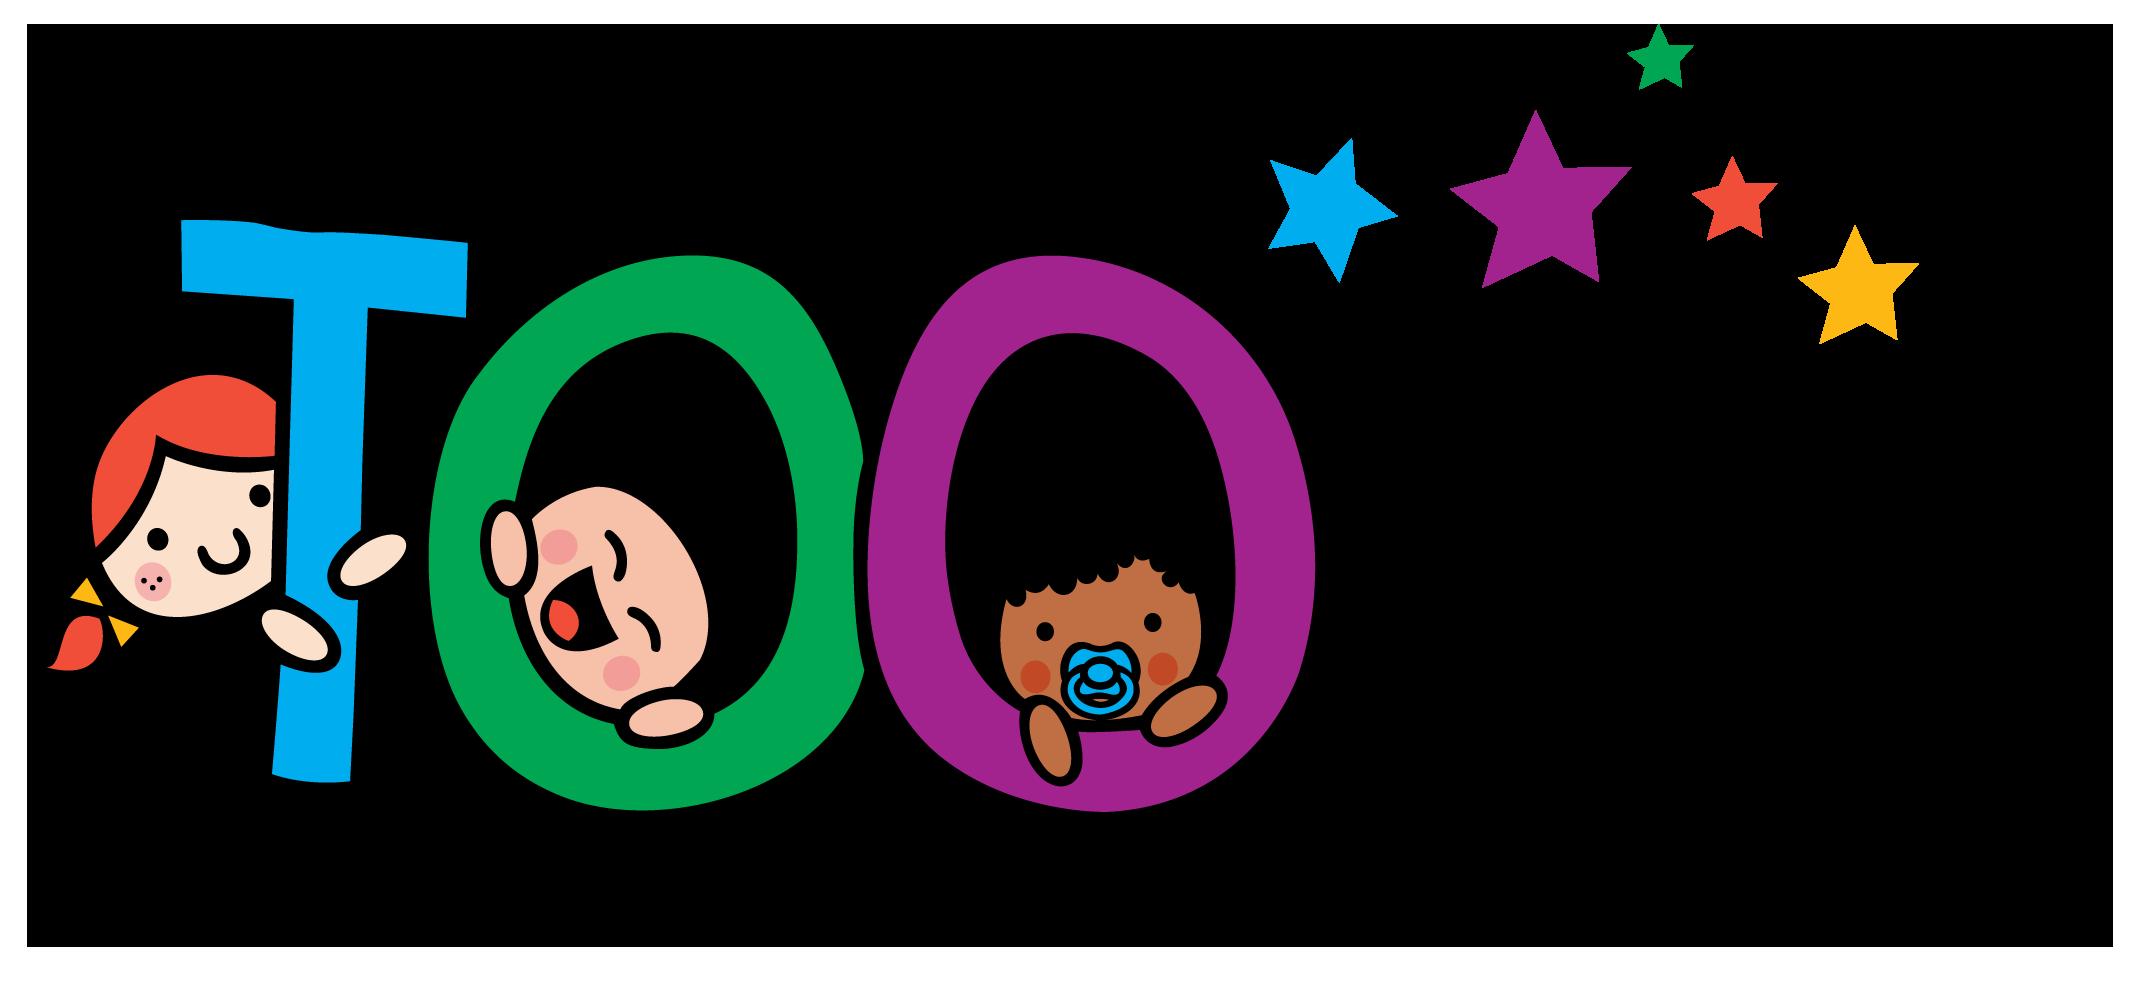 TOOTRiS On-Demand Child Care - San Diego, CA 92131 - (855)486-6874 | ShowMeLocal.com